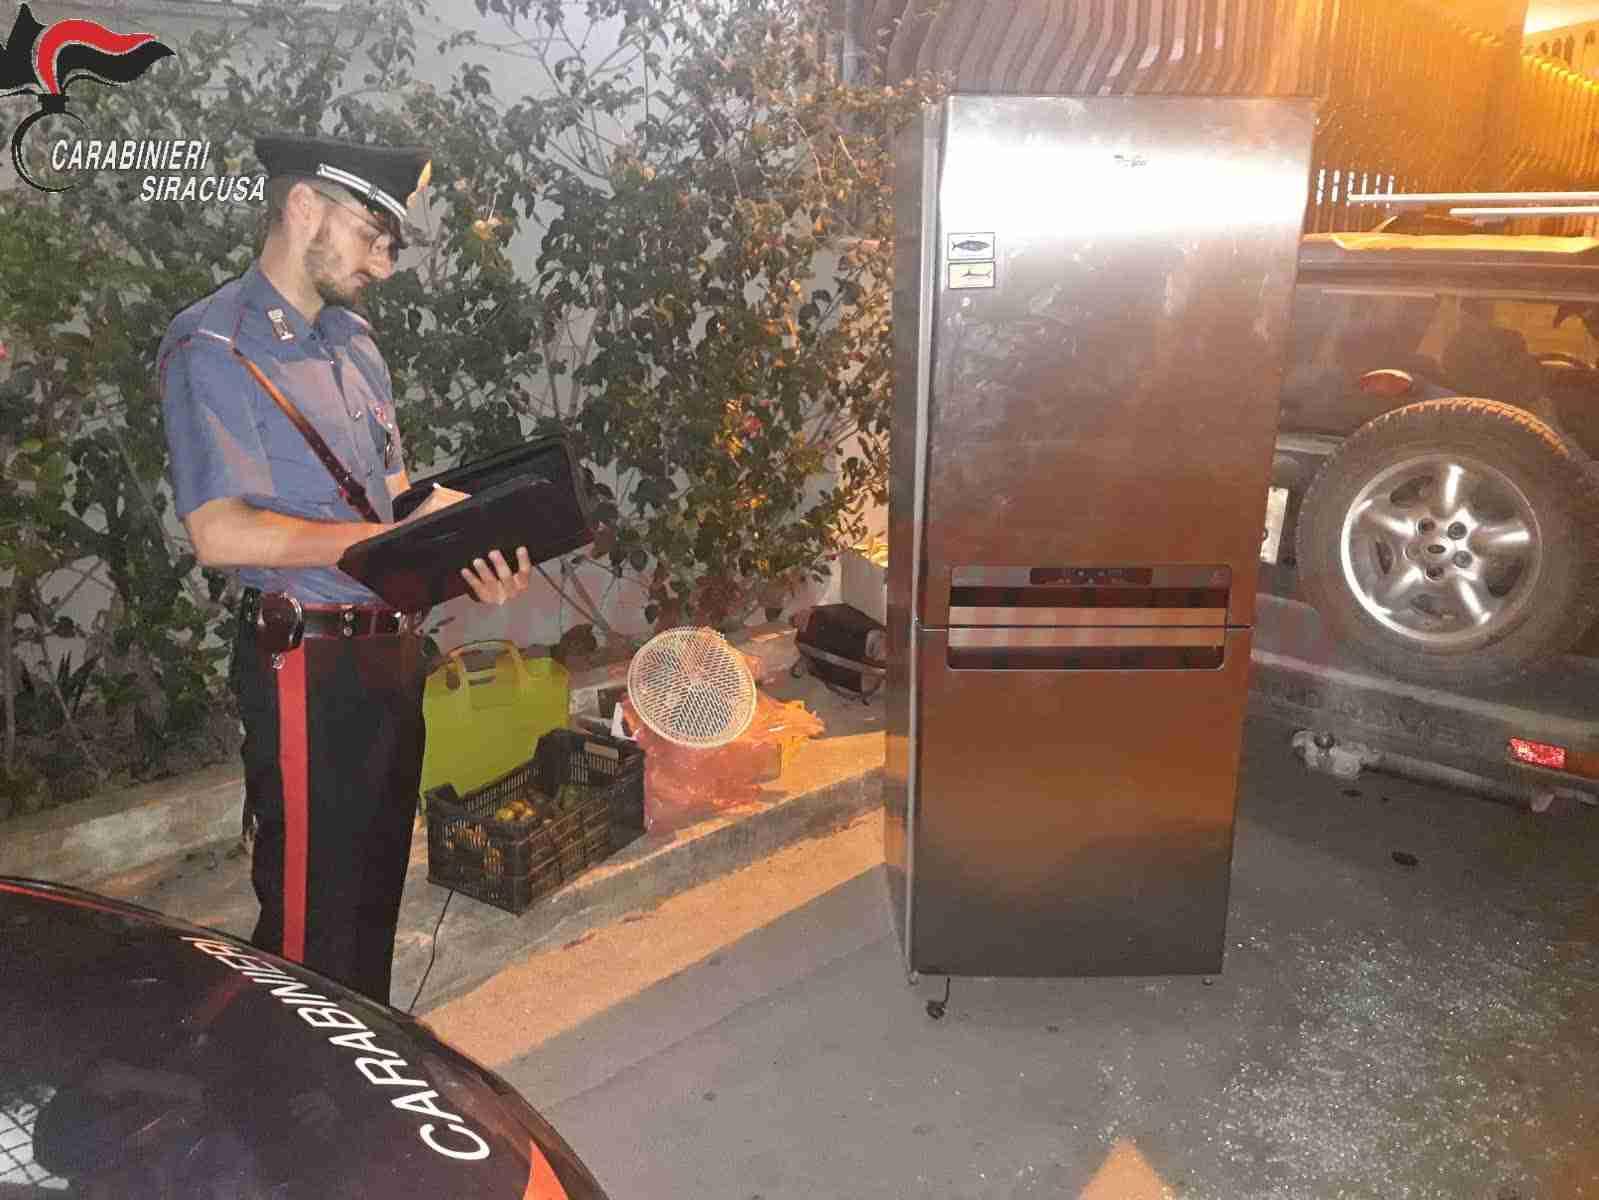 Noto, scoperti a rubare un frigorifero e altri utensili da un'abitazione, arrestati dai Carabinieri